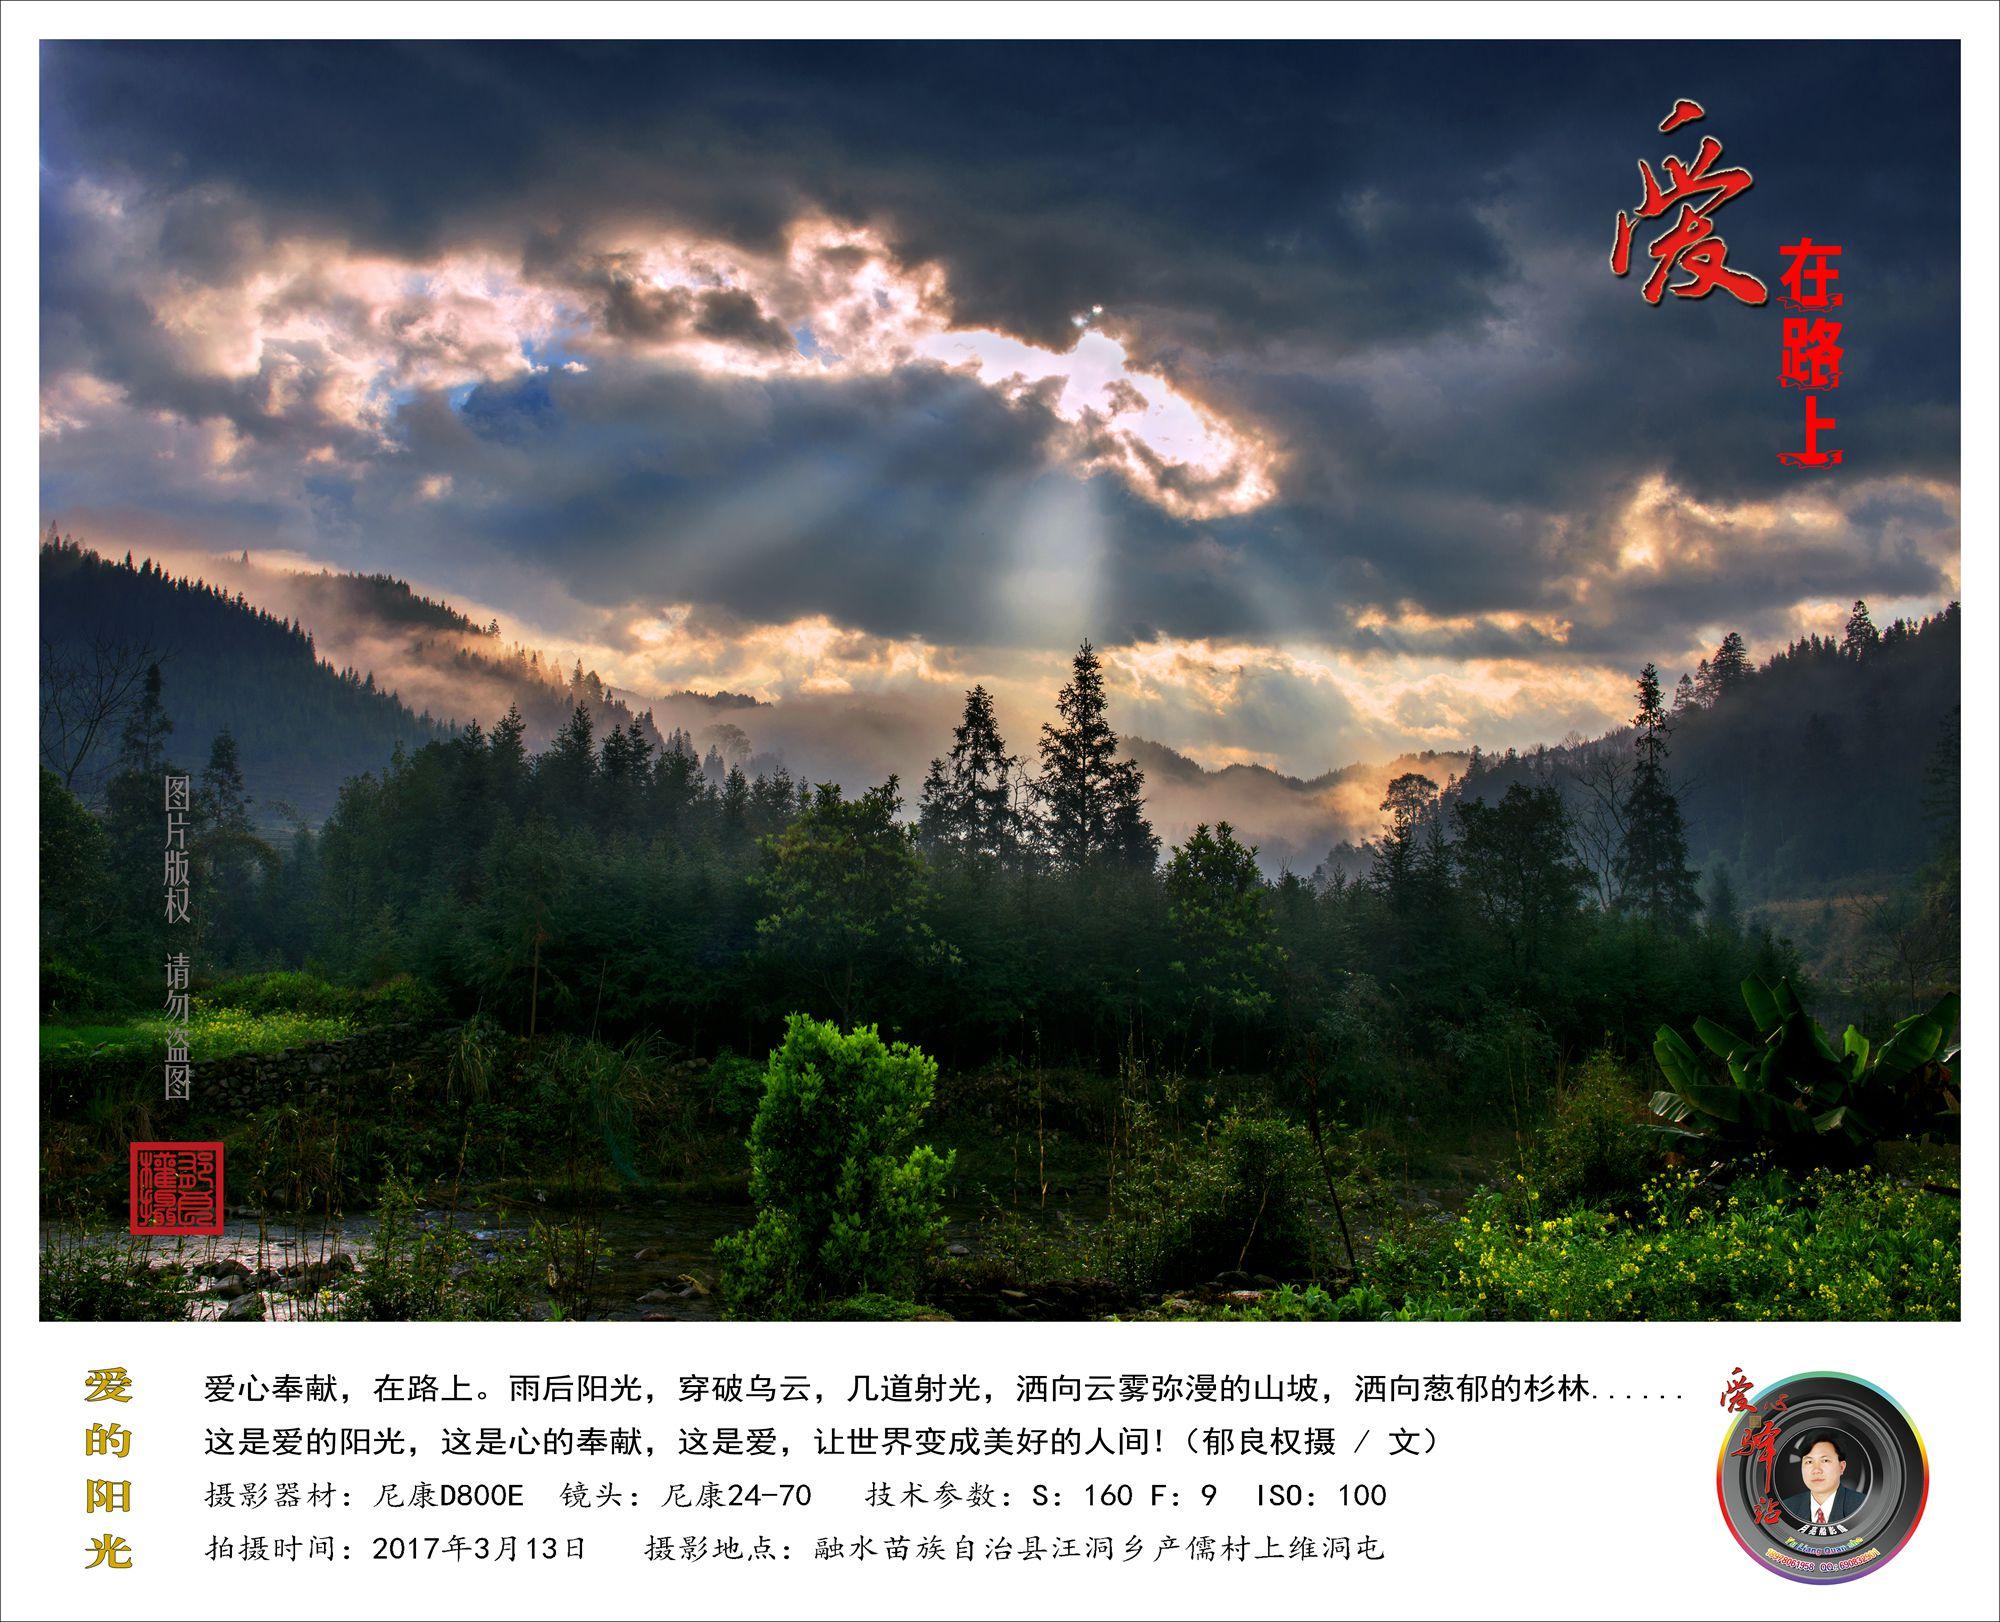 (02)《爱的阳光》_DSC1946(作品).jpg